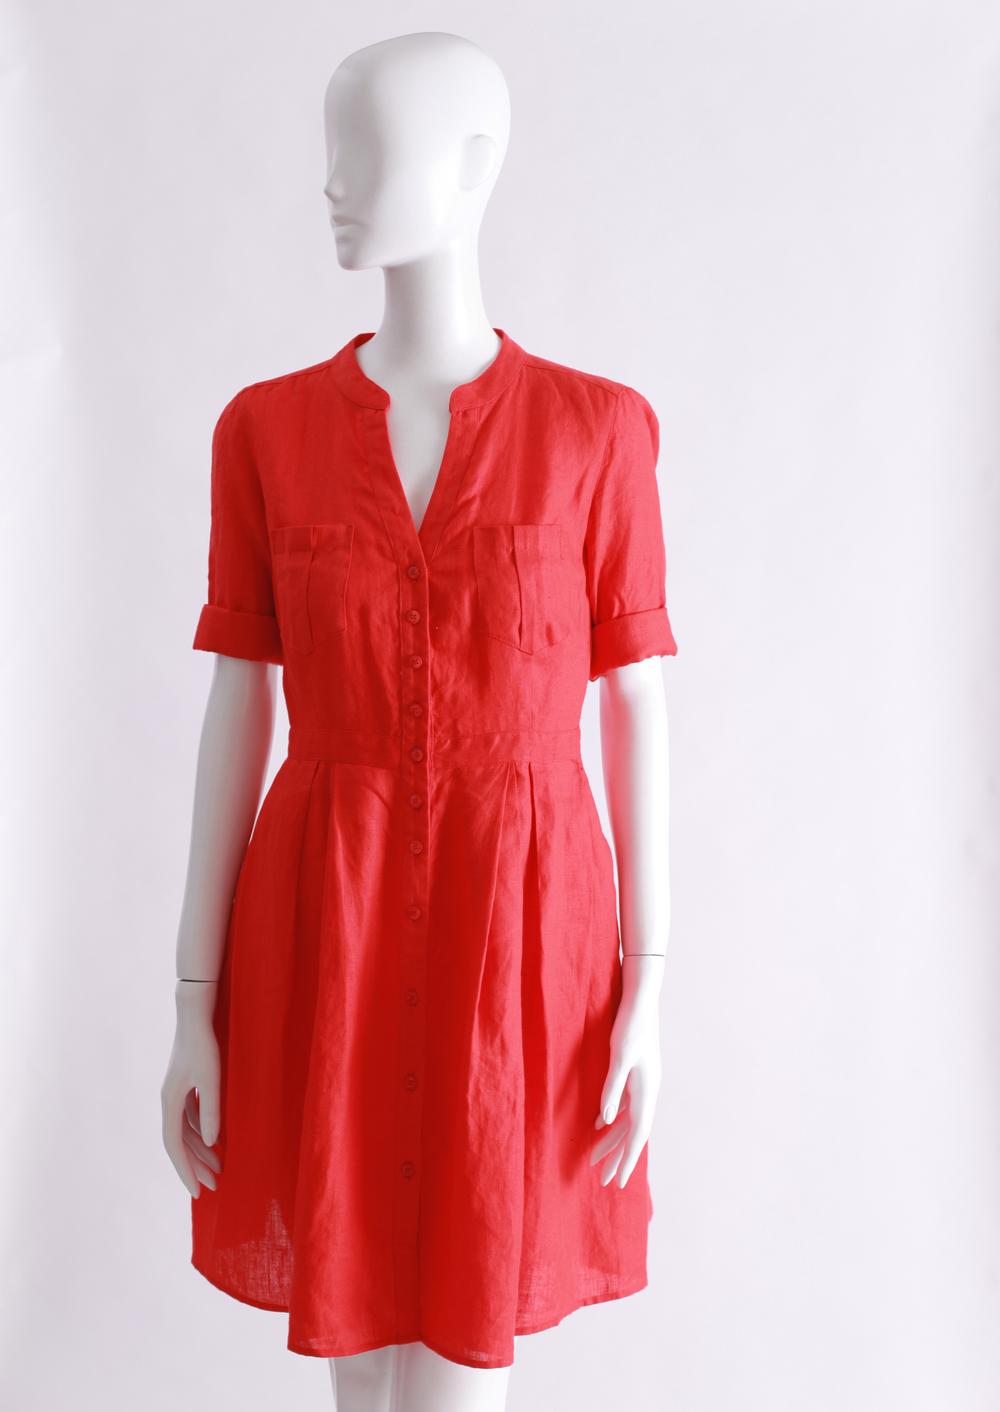 Raleigh Denim red linen shirt dress.